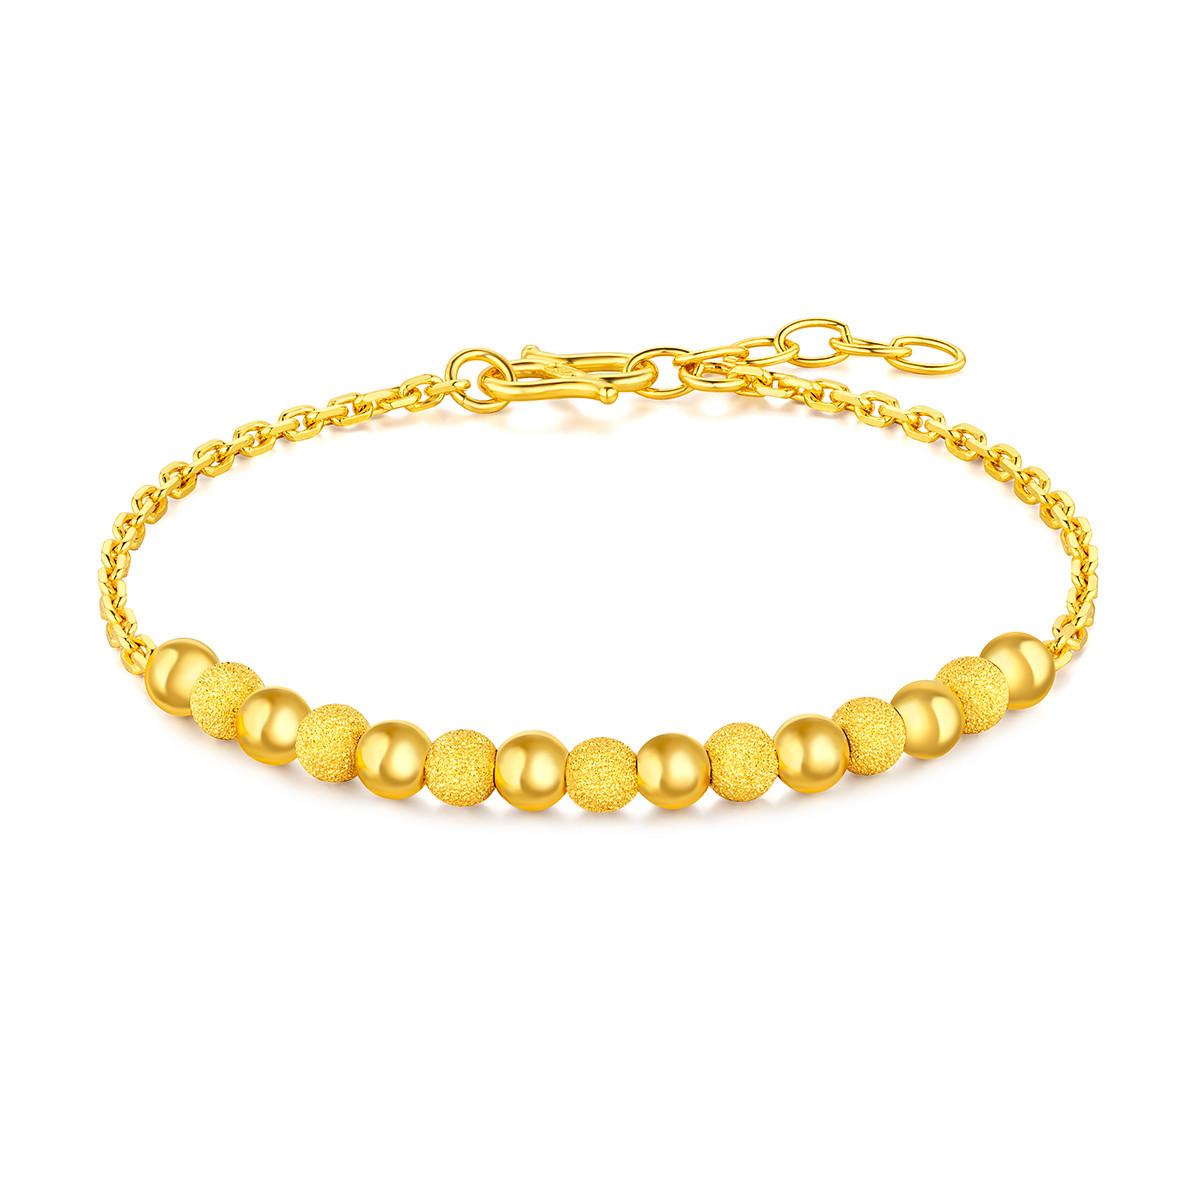 六福珠宝六福珠宝圆圆满满圆珠黄金手链足金手链含延长链计价F63TBGB0032